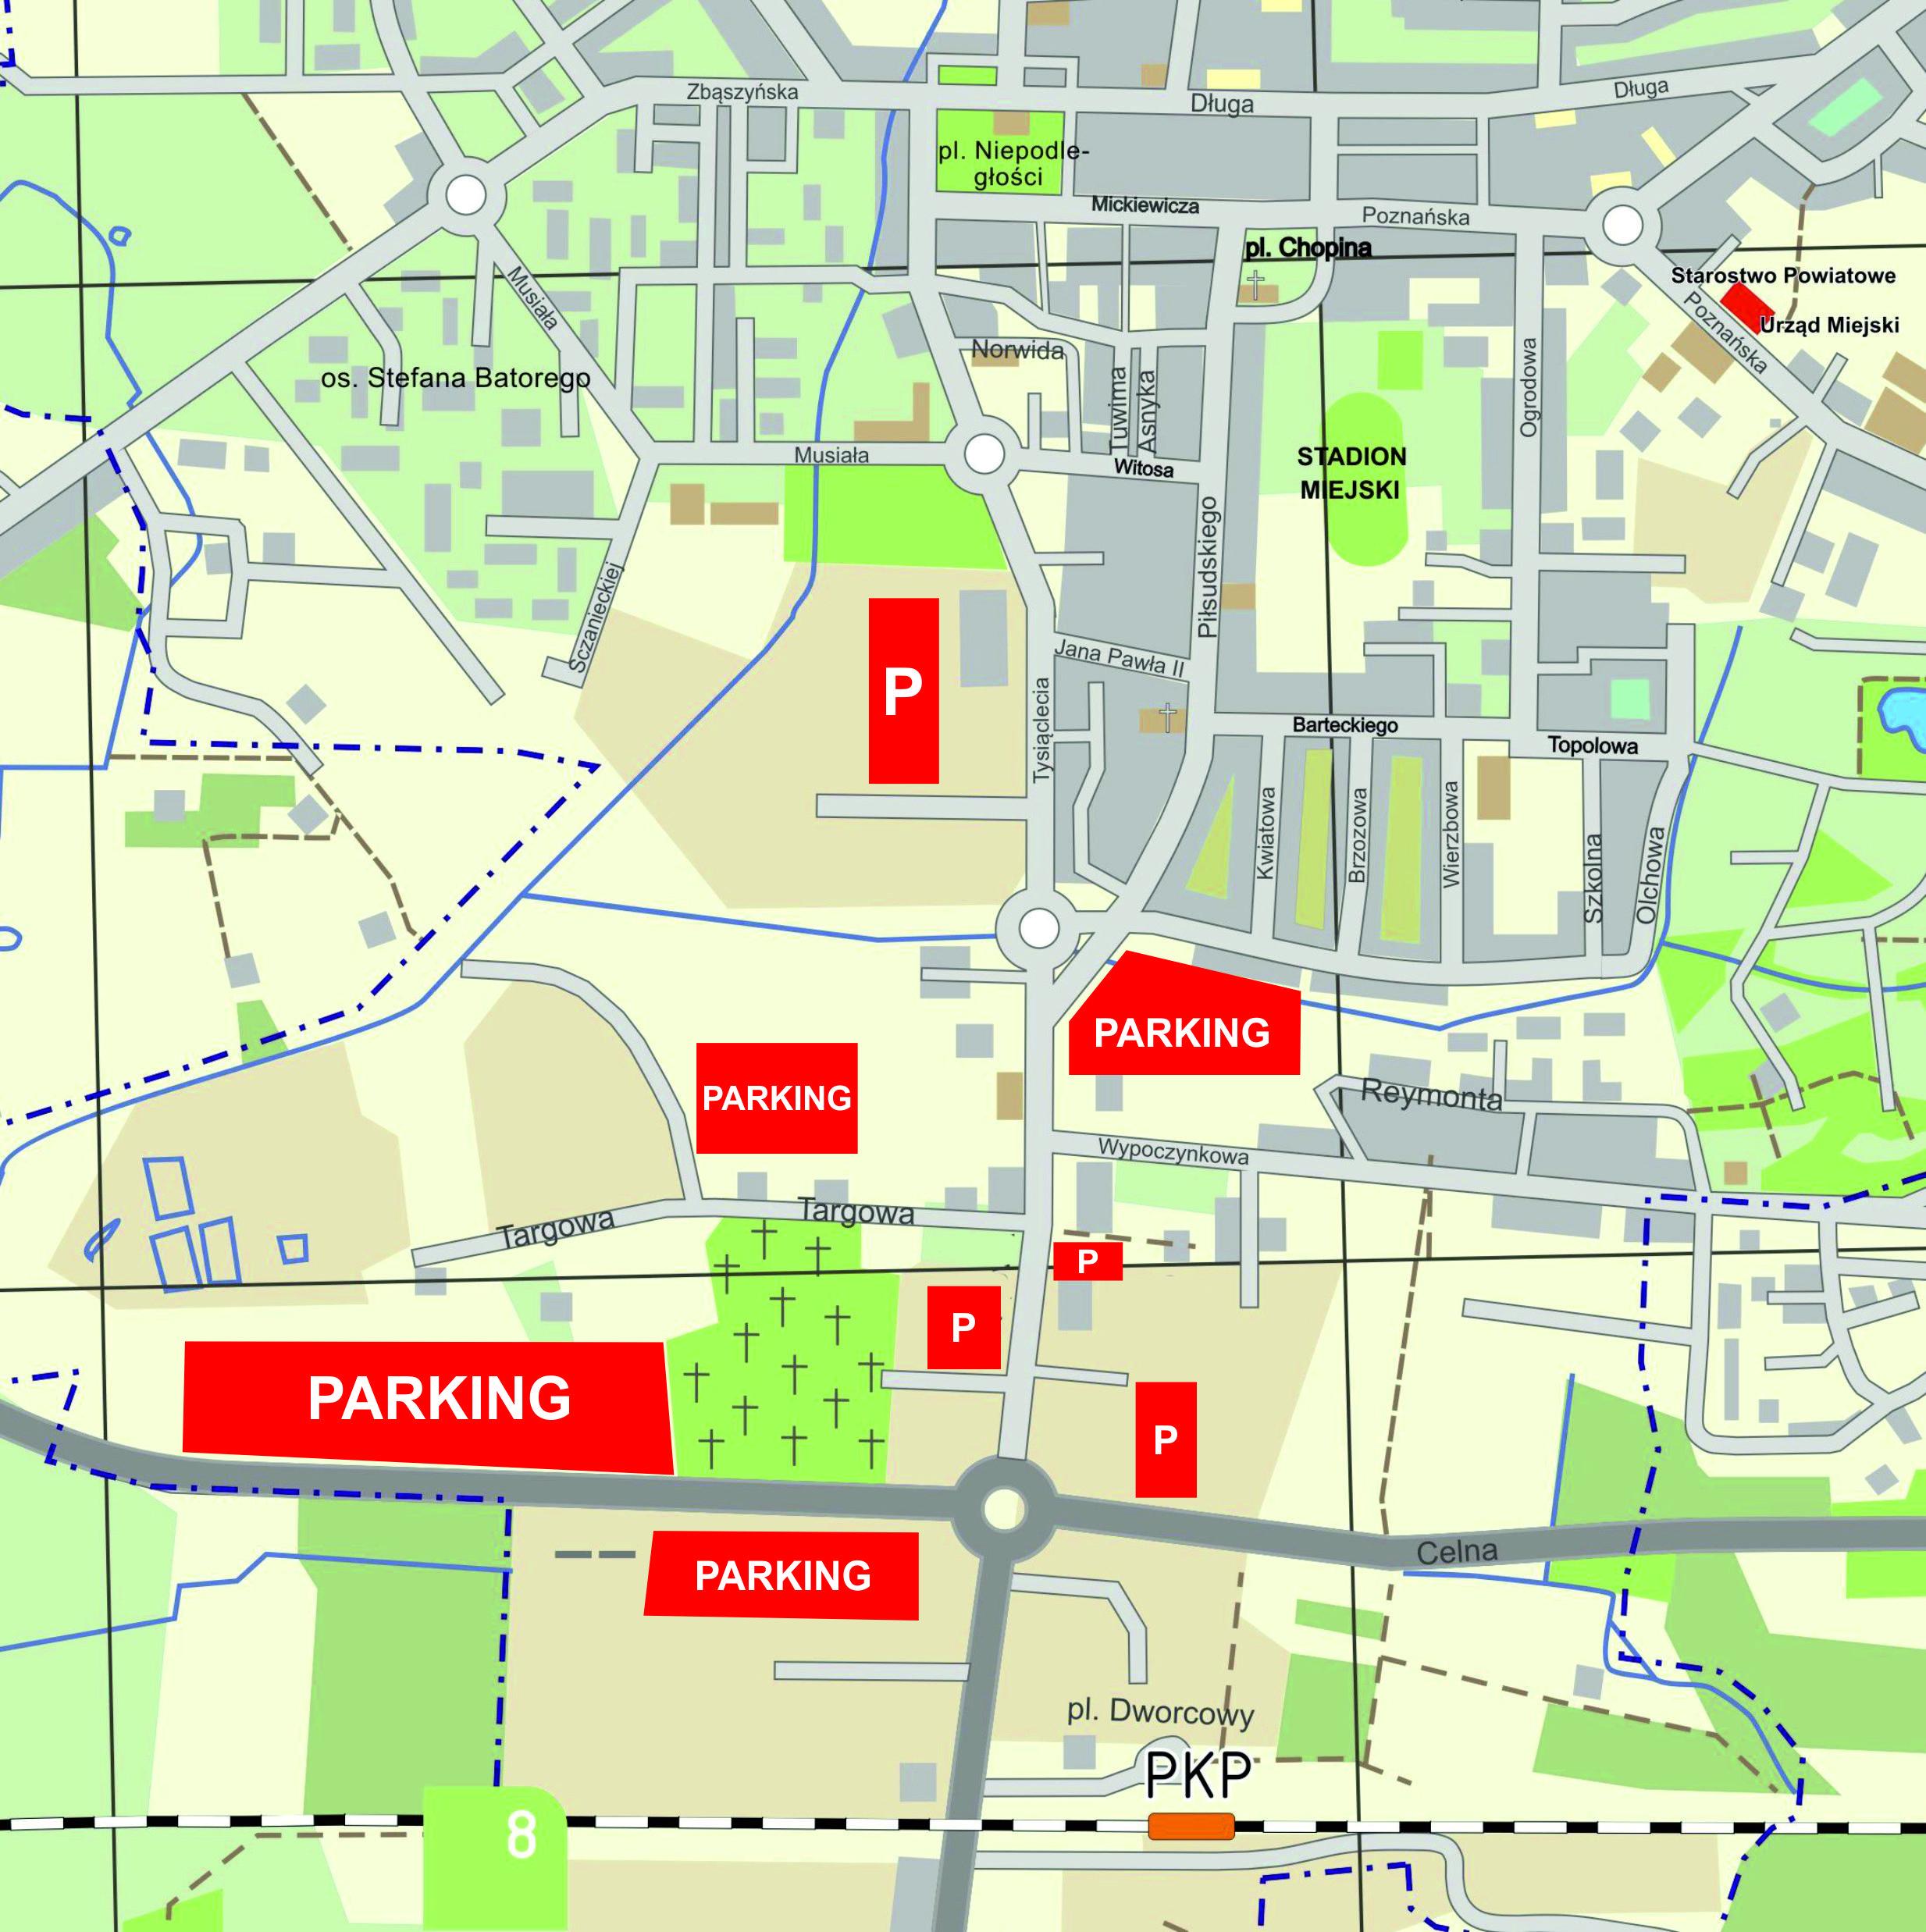 Dostępne parkingi w dniu 1 listopada br.